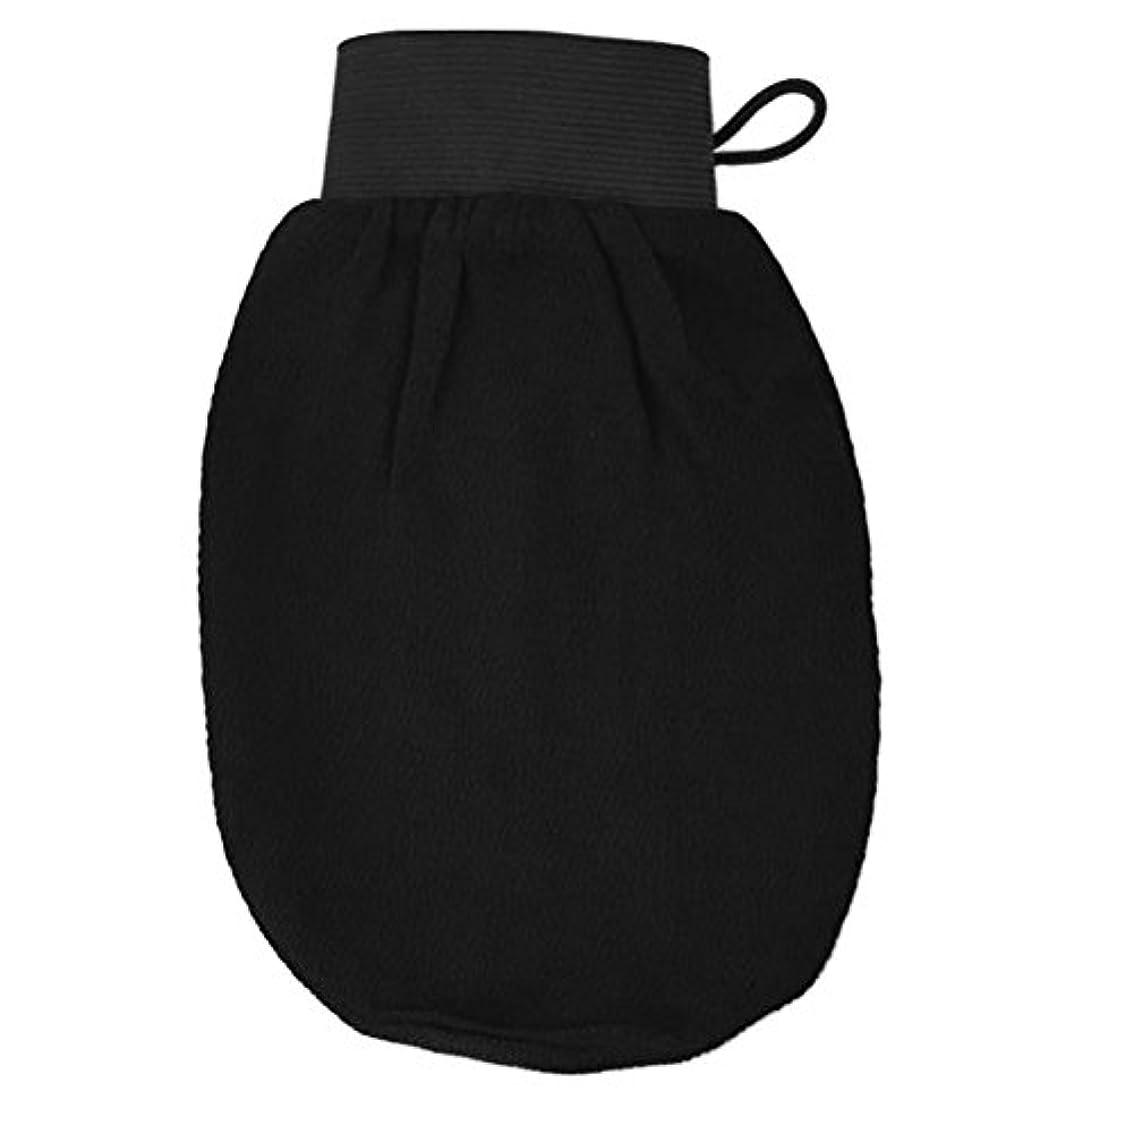 解明するチラチラするそばにROSENICE バスグローブ 浴用グローブ 角質取り 泡立ち 垢擦り 手袋 マッサージ ボディウォッシュ シャワー バスルーム 男女兼用 バス用品(ブラック)